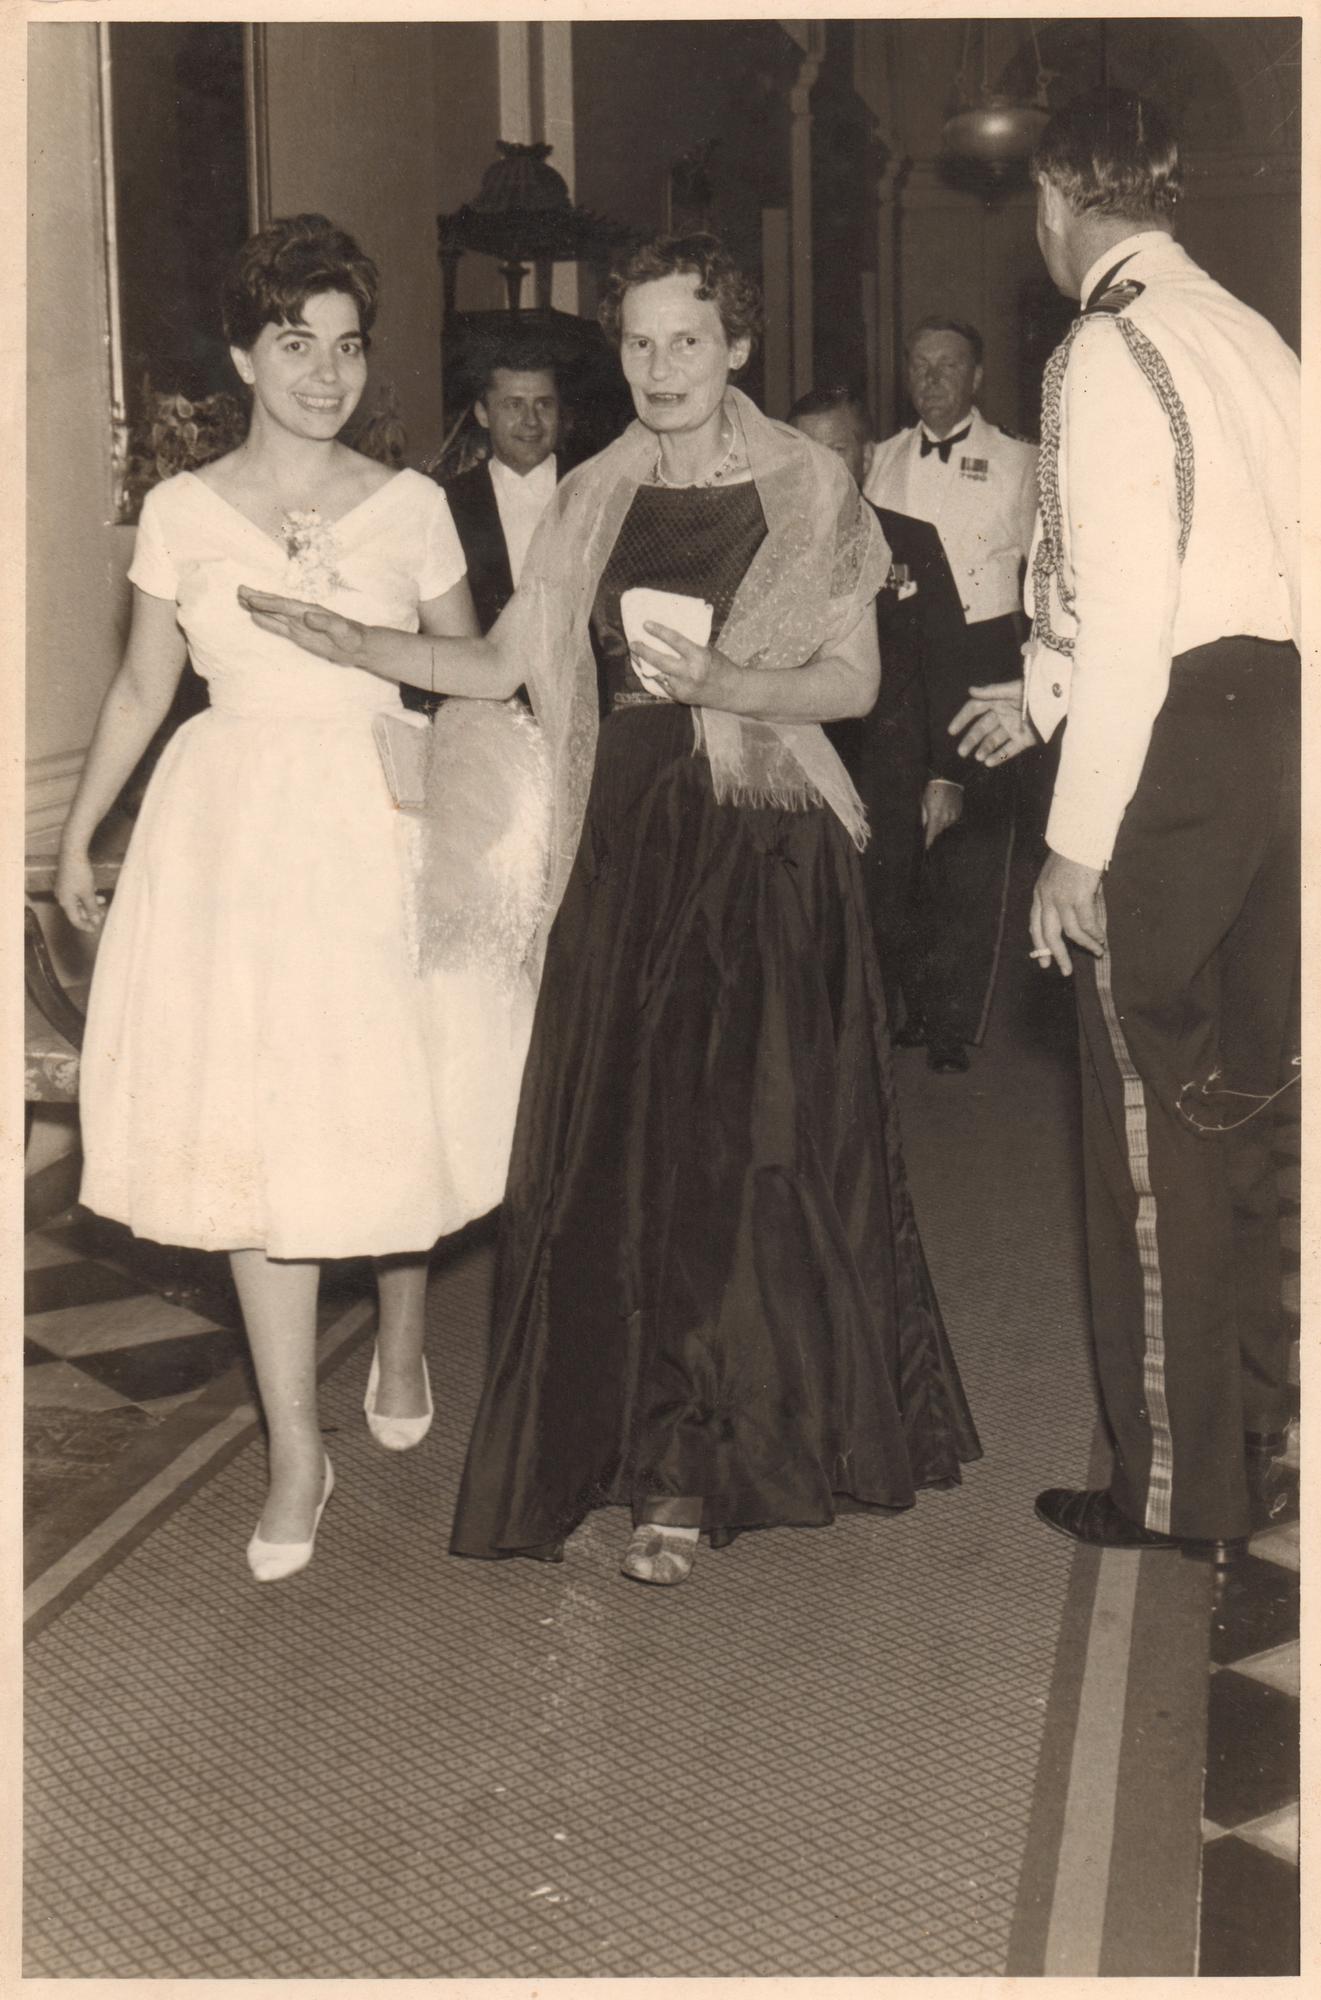 Yıldız Moran, 1950's